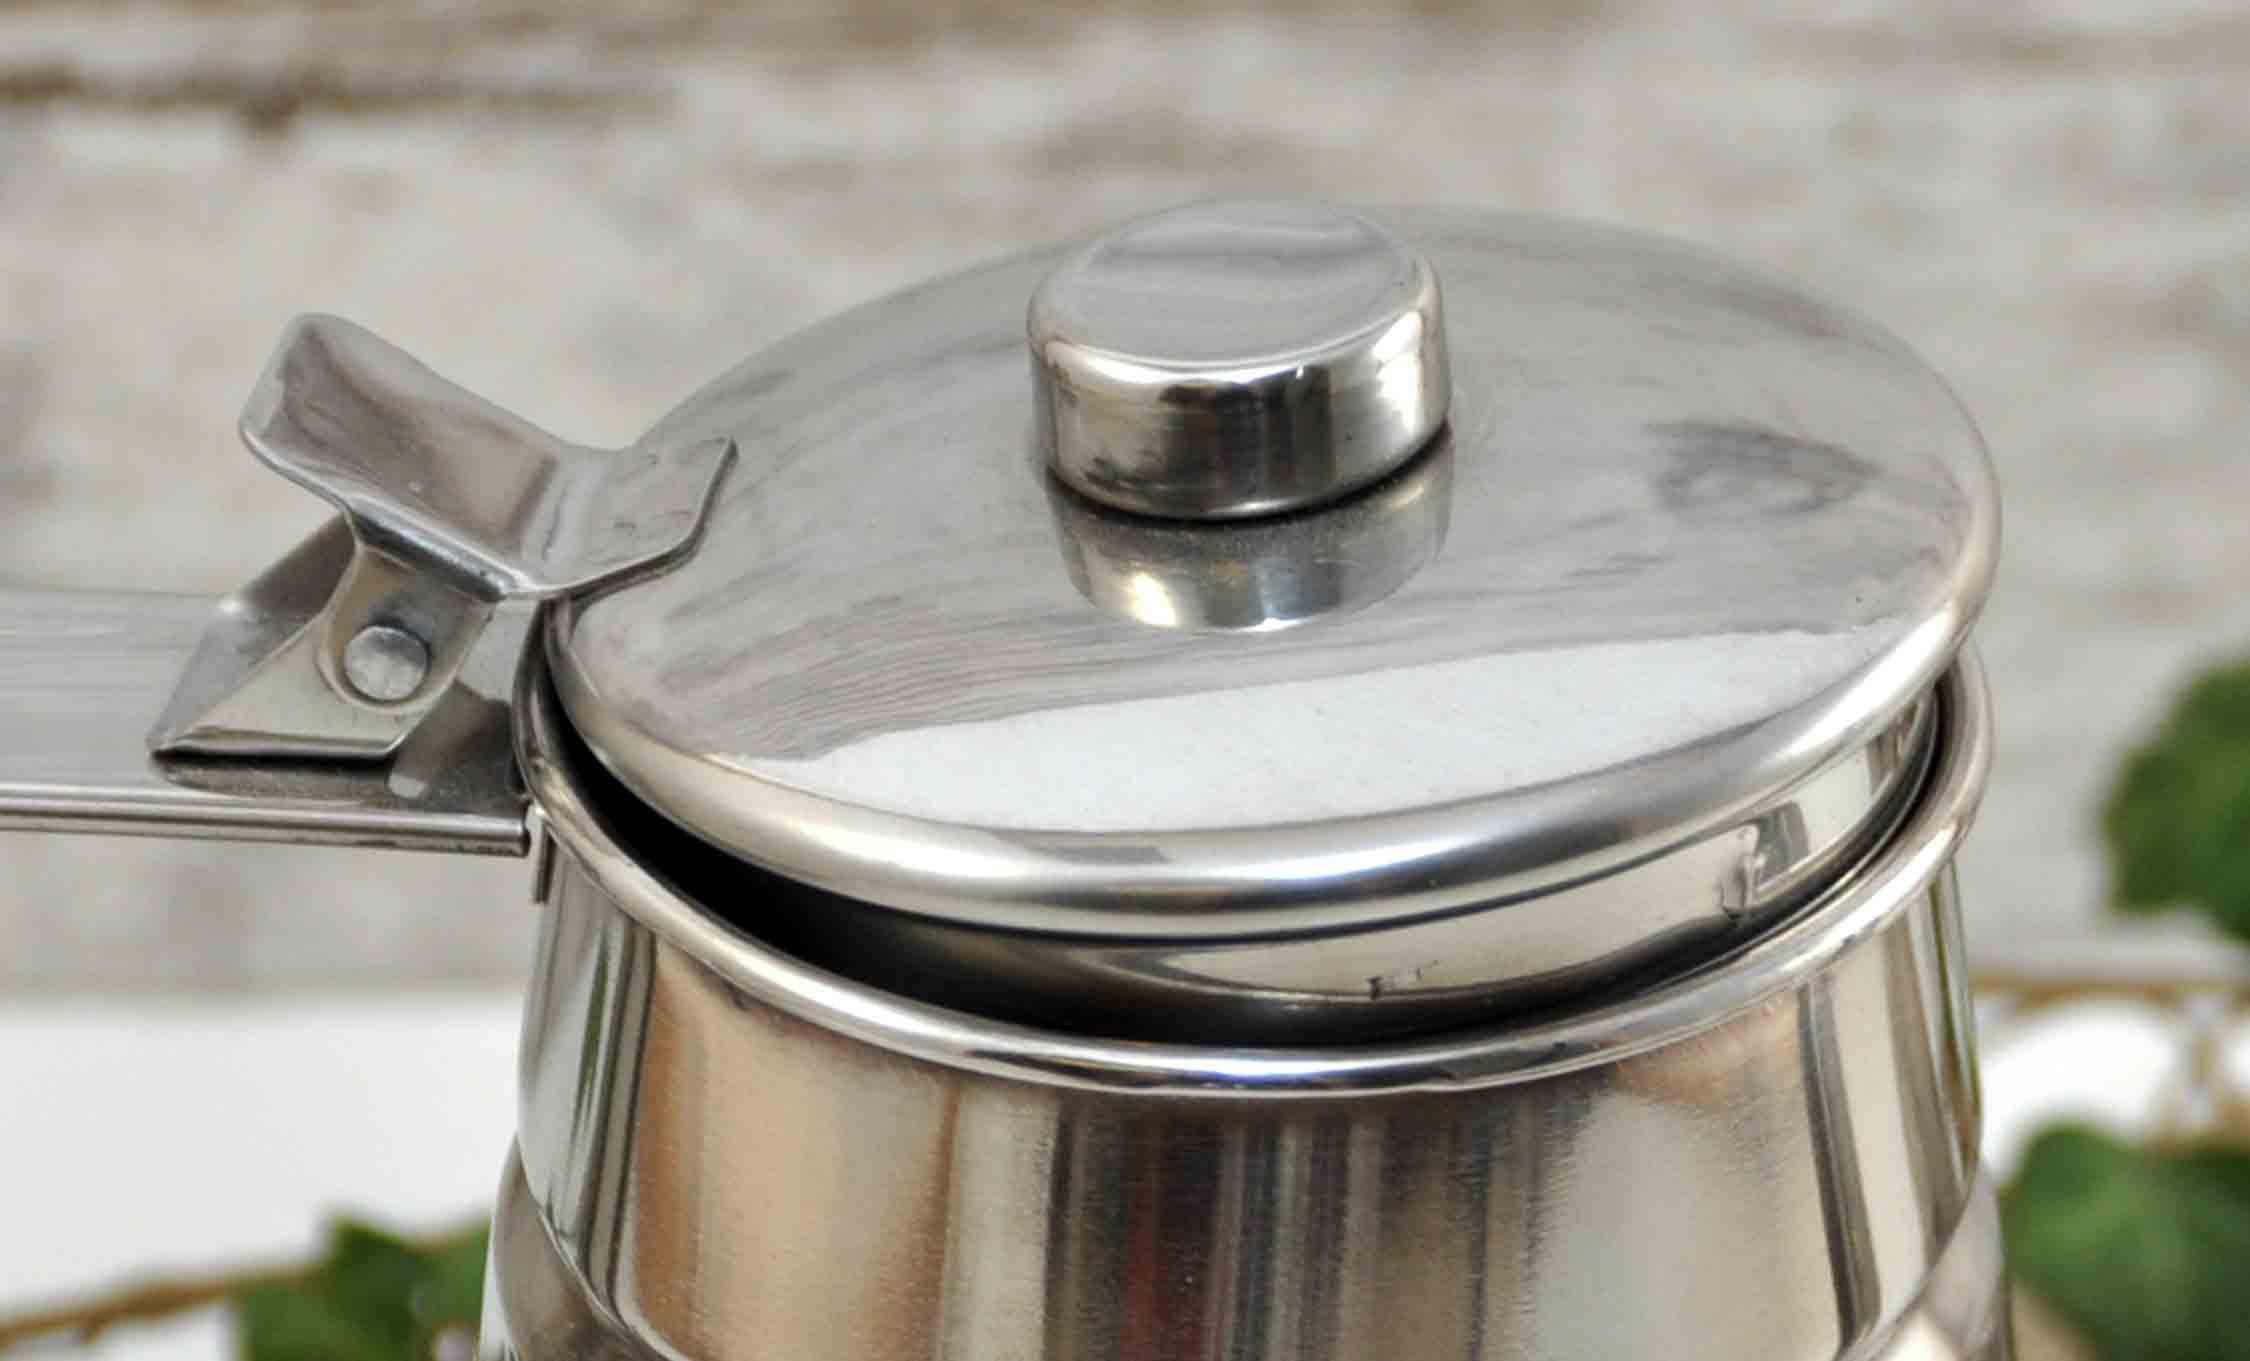 Sansone-kanne-1-Liter_detail-deckel-quer1